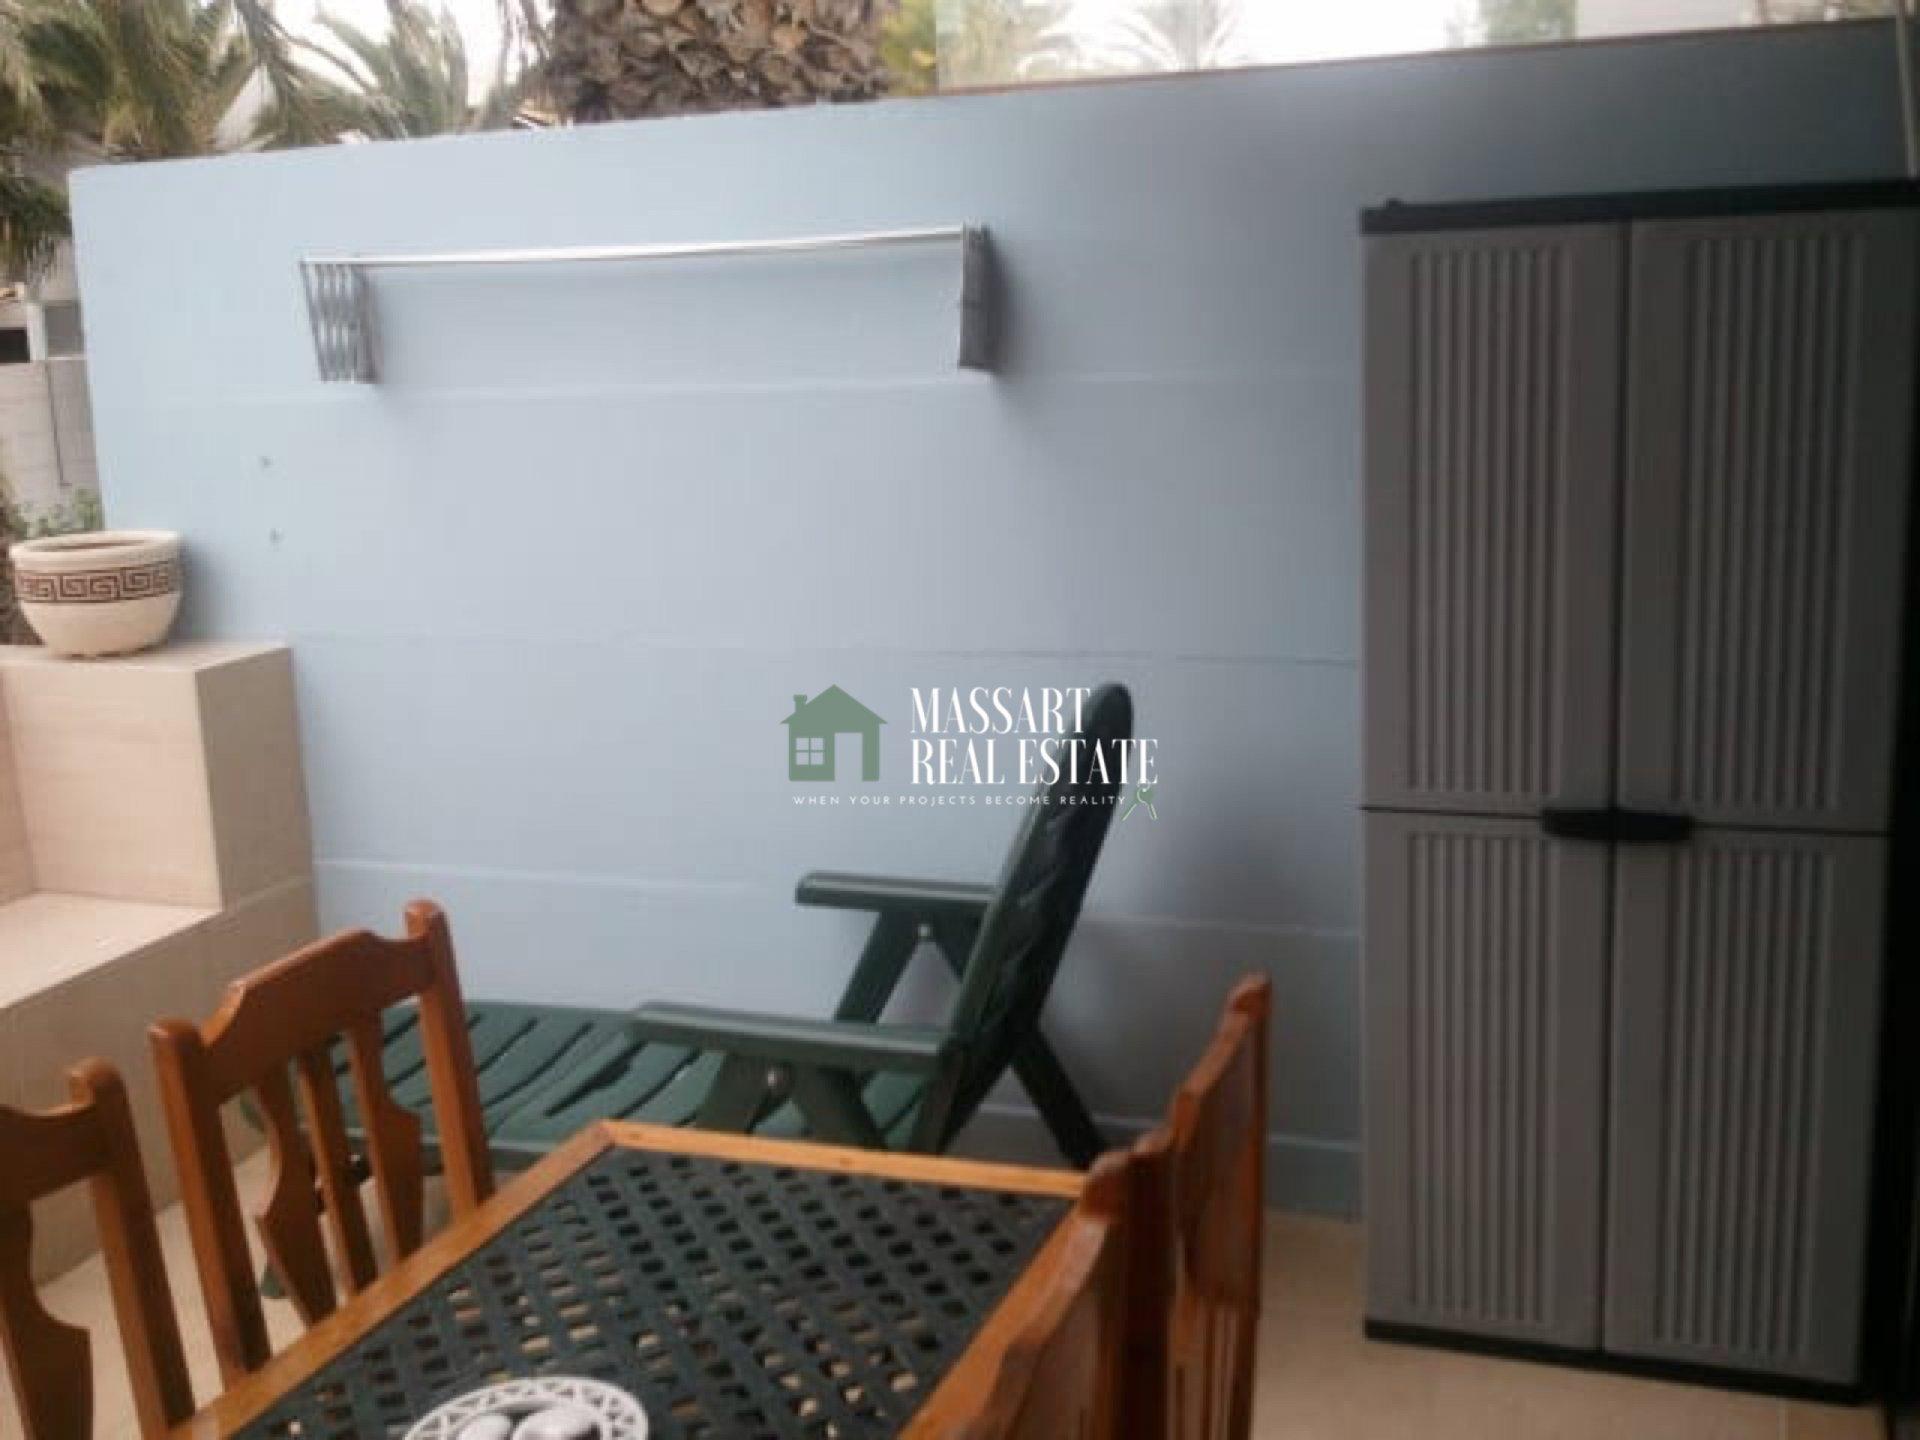 Möblierte Wohnung zum Verkauf in der Wohnanlage Primavera, in der beliebten Gegend Costa del Silencio.